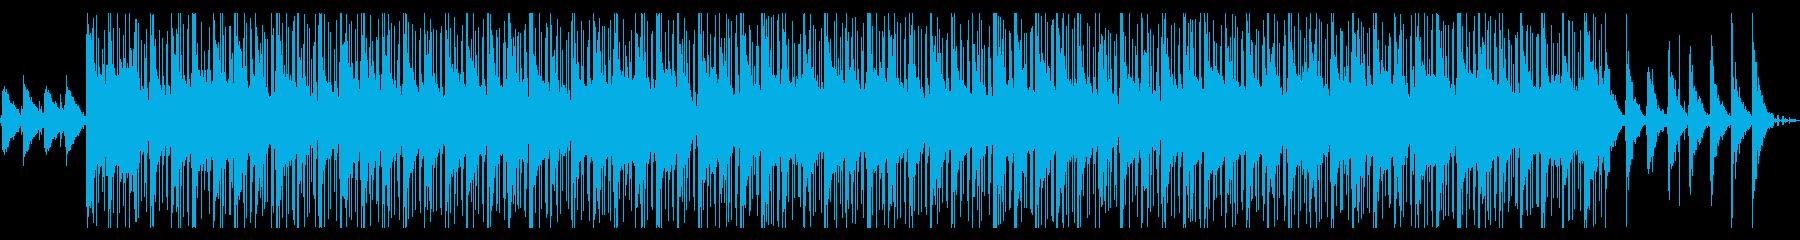 ジャジーでおしゃれなヒップホップビートの再生済みの波形